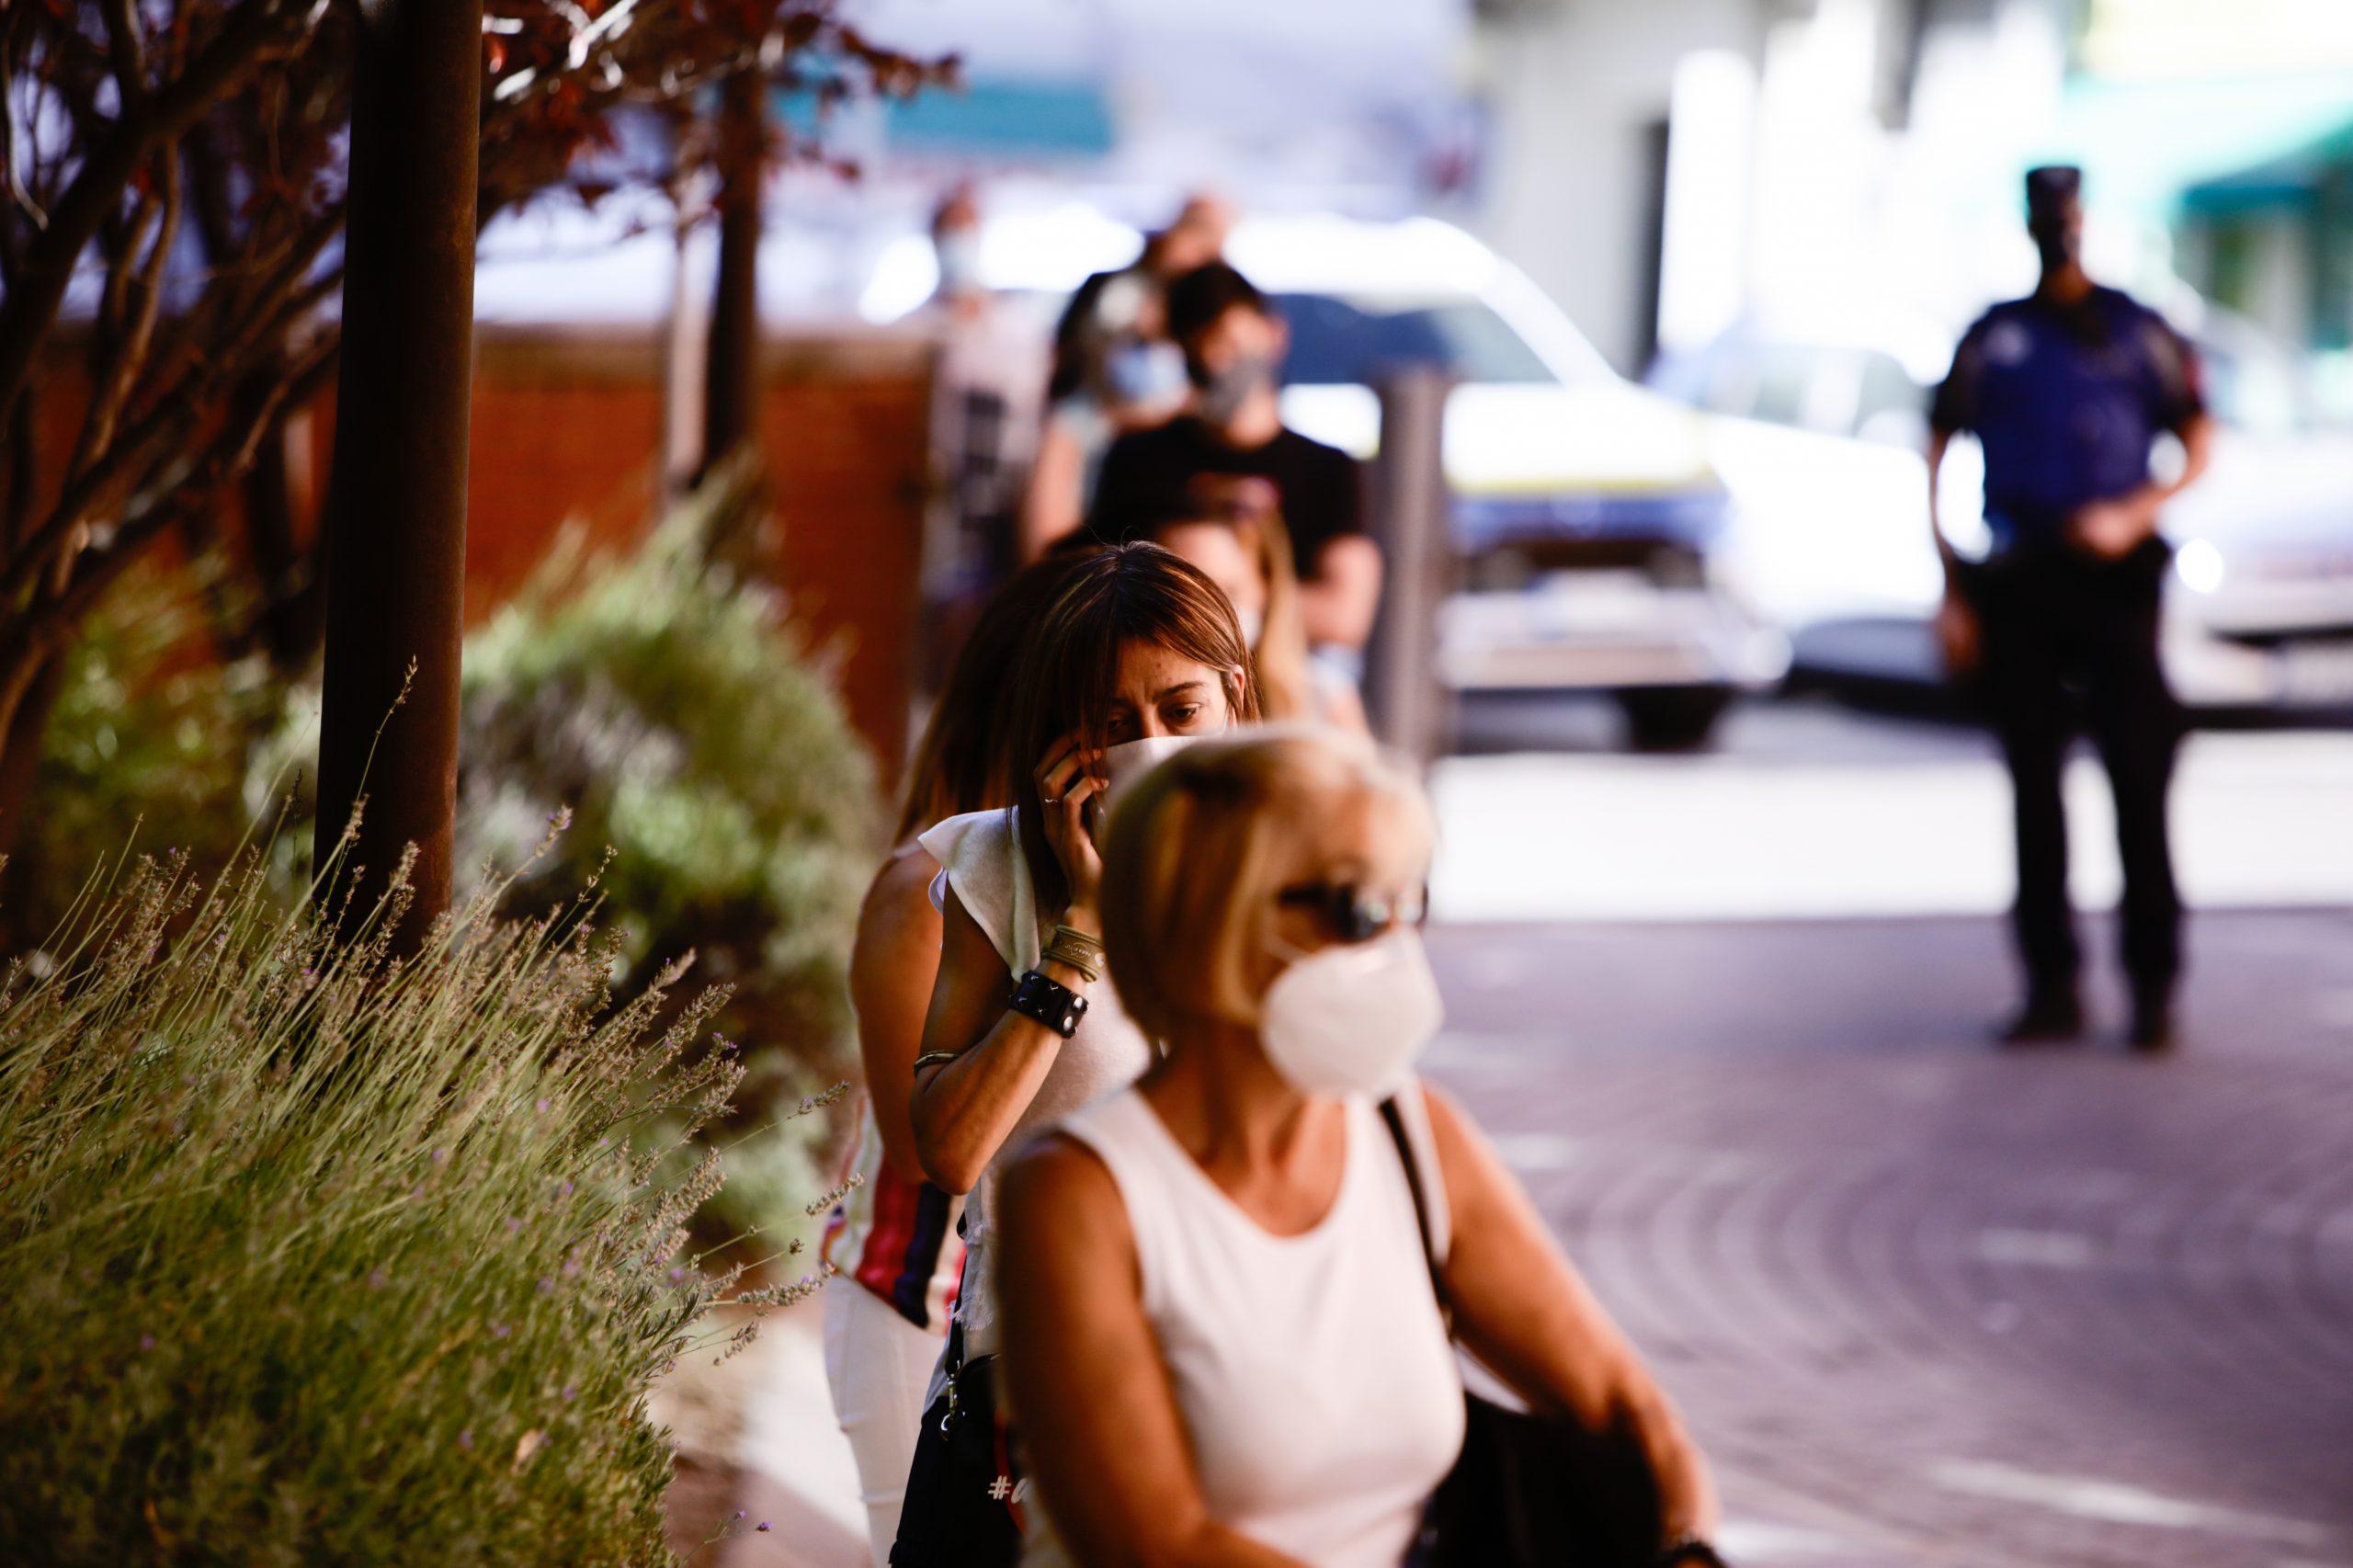 COVID-19 en Extremadura: 100 casos positivos, 3 brotes y una persona fallecida